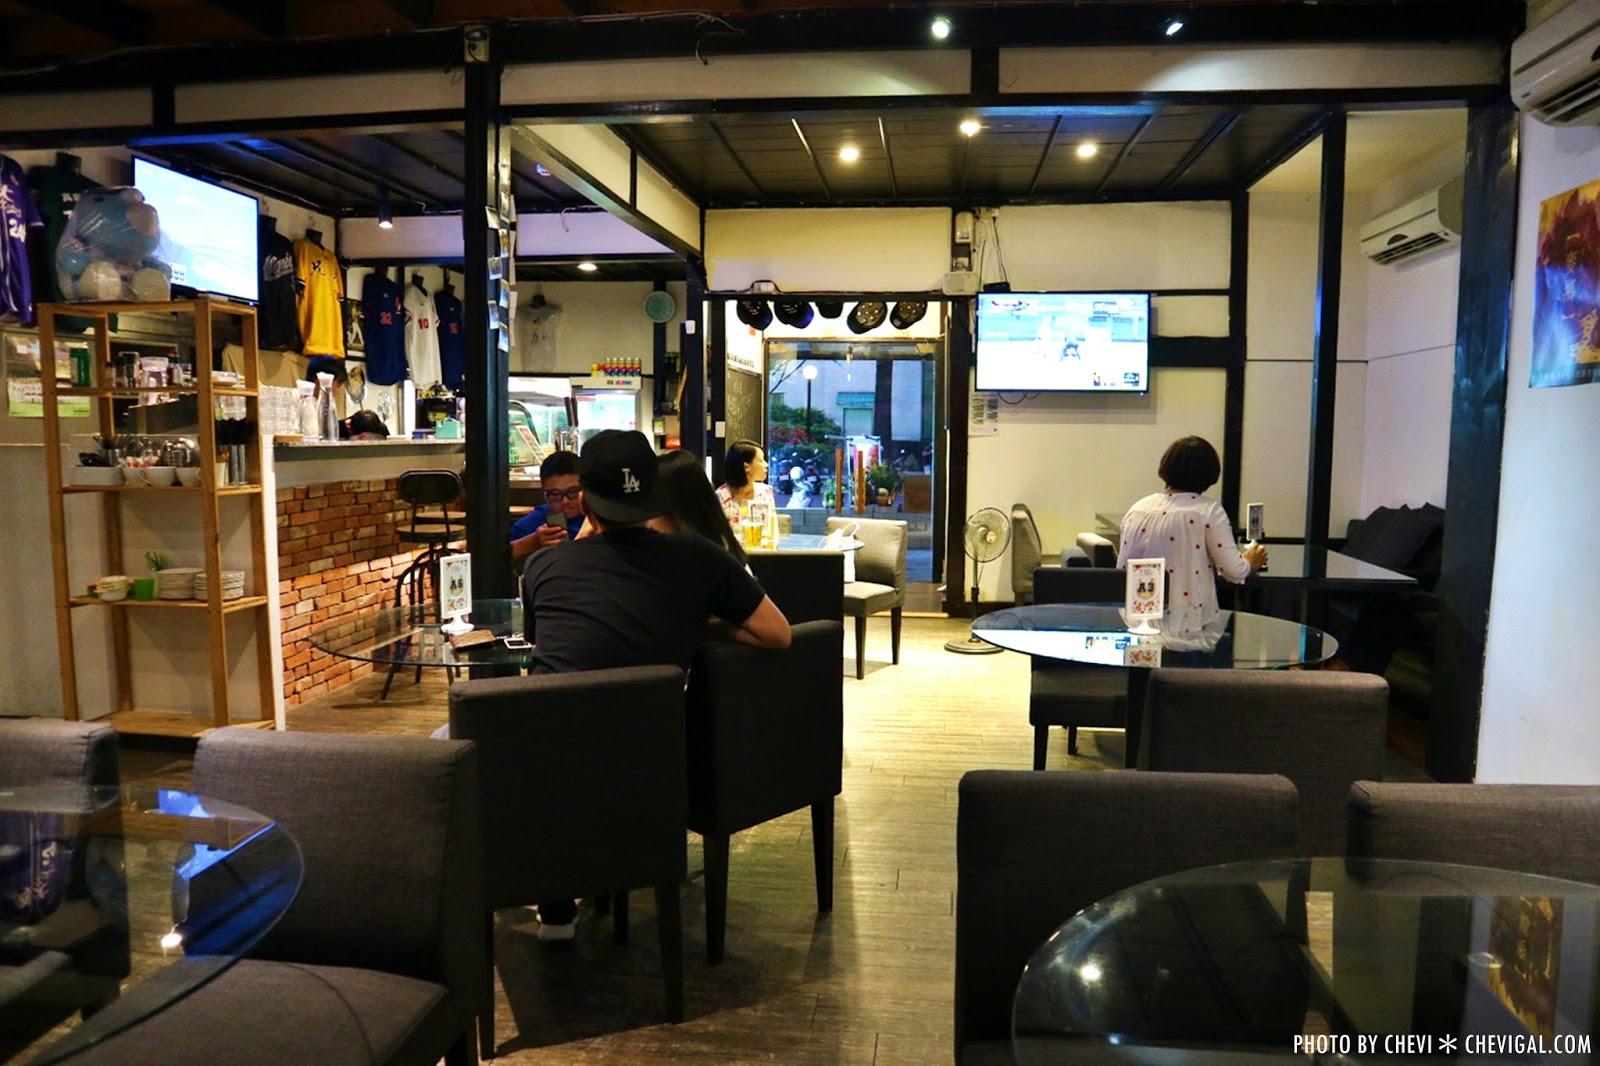 image244 - 熱血採訪│大和17。日式建築的運動主題餐館。自在氣氛包場好地方。臺虎精釀也能喝得到